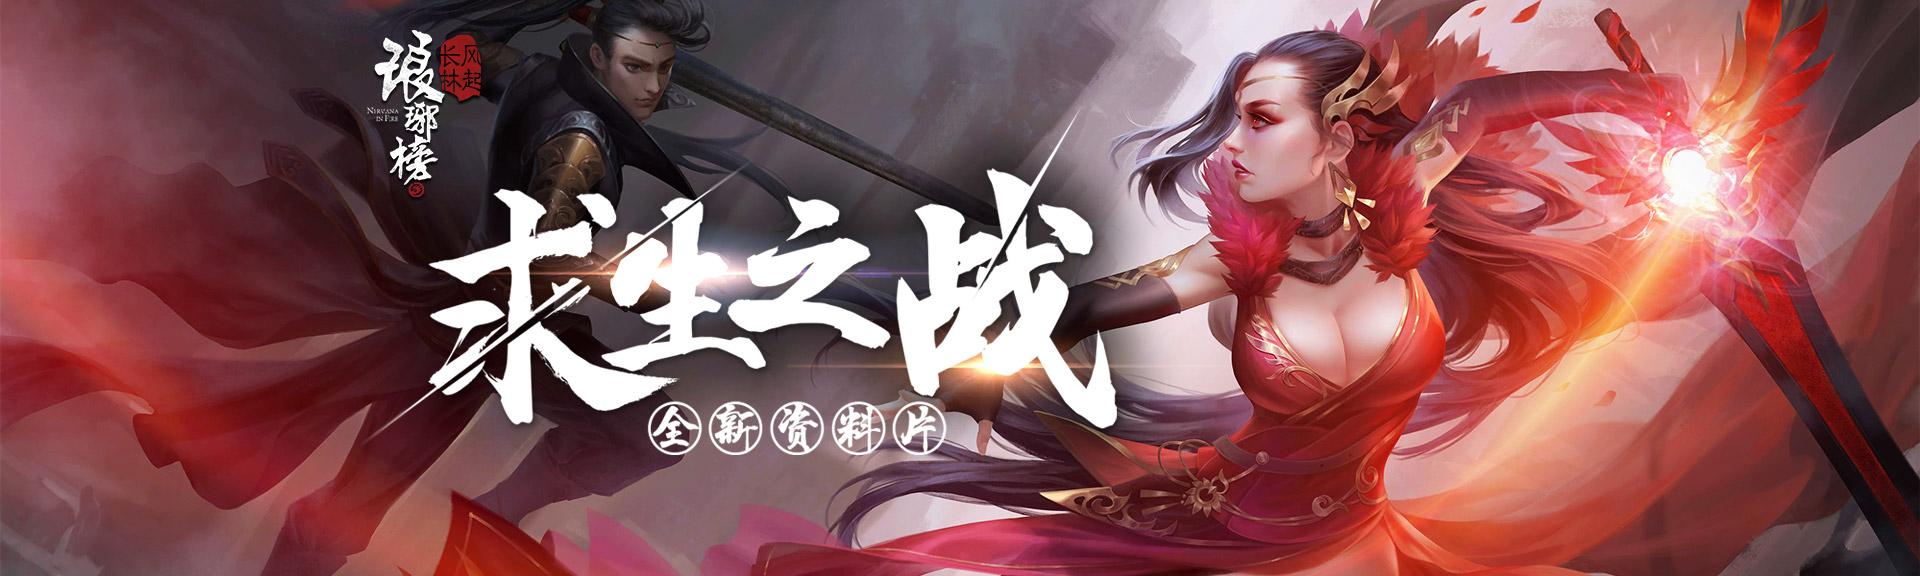 """《琅琊榜:风起长林》手游全新资料片""""求生之战""""首曝"""